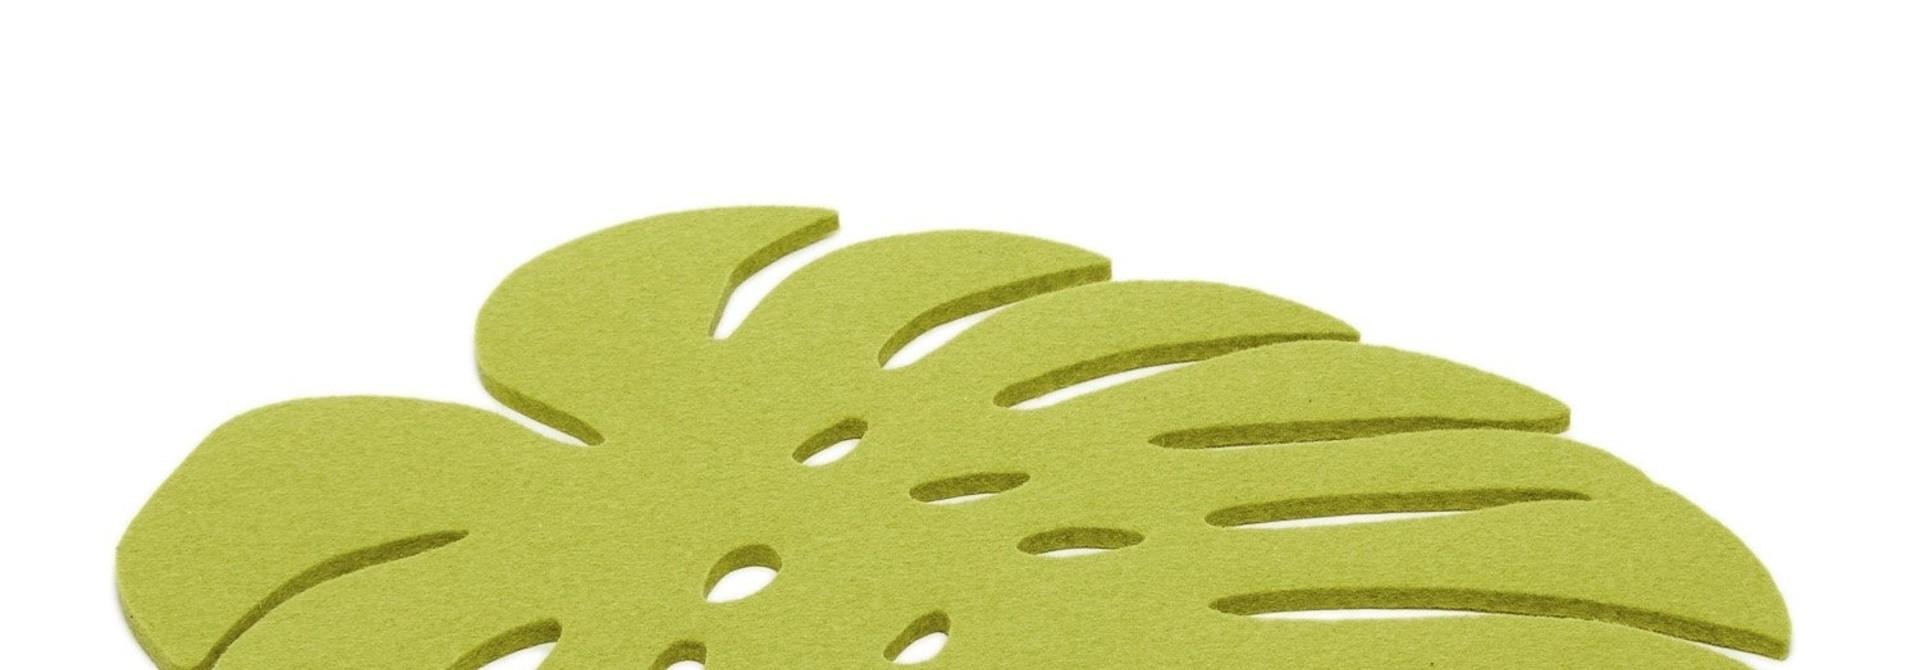 Felt Trivet Monstera - Pistachio - Lge